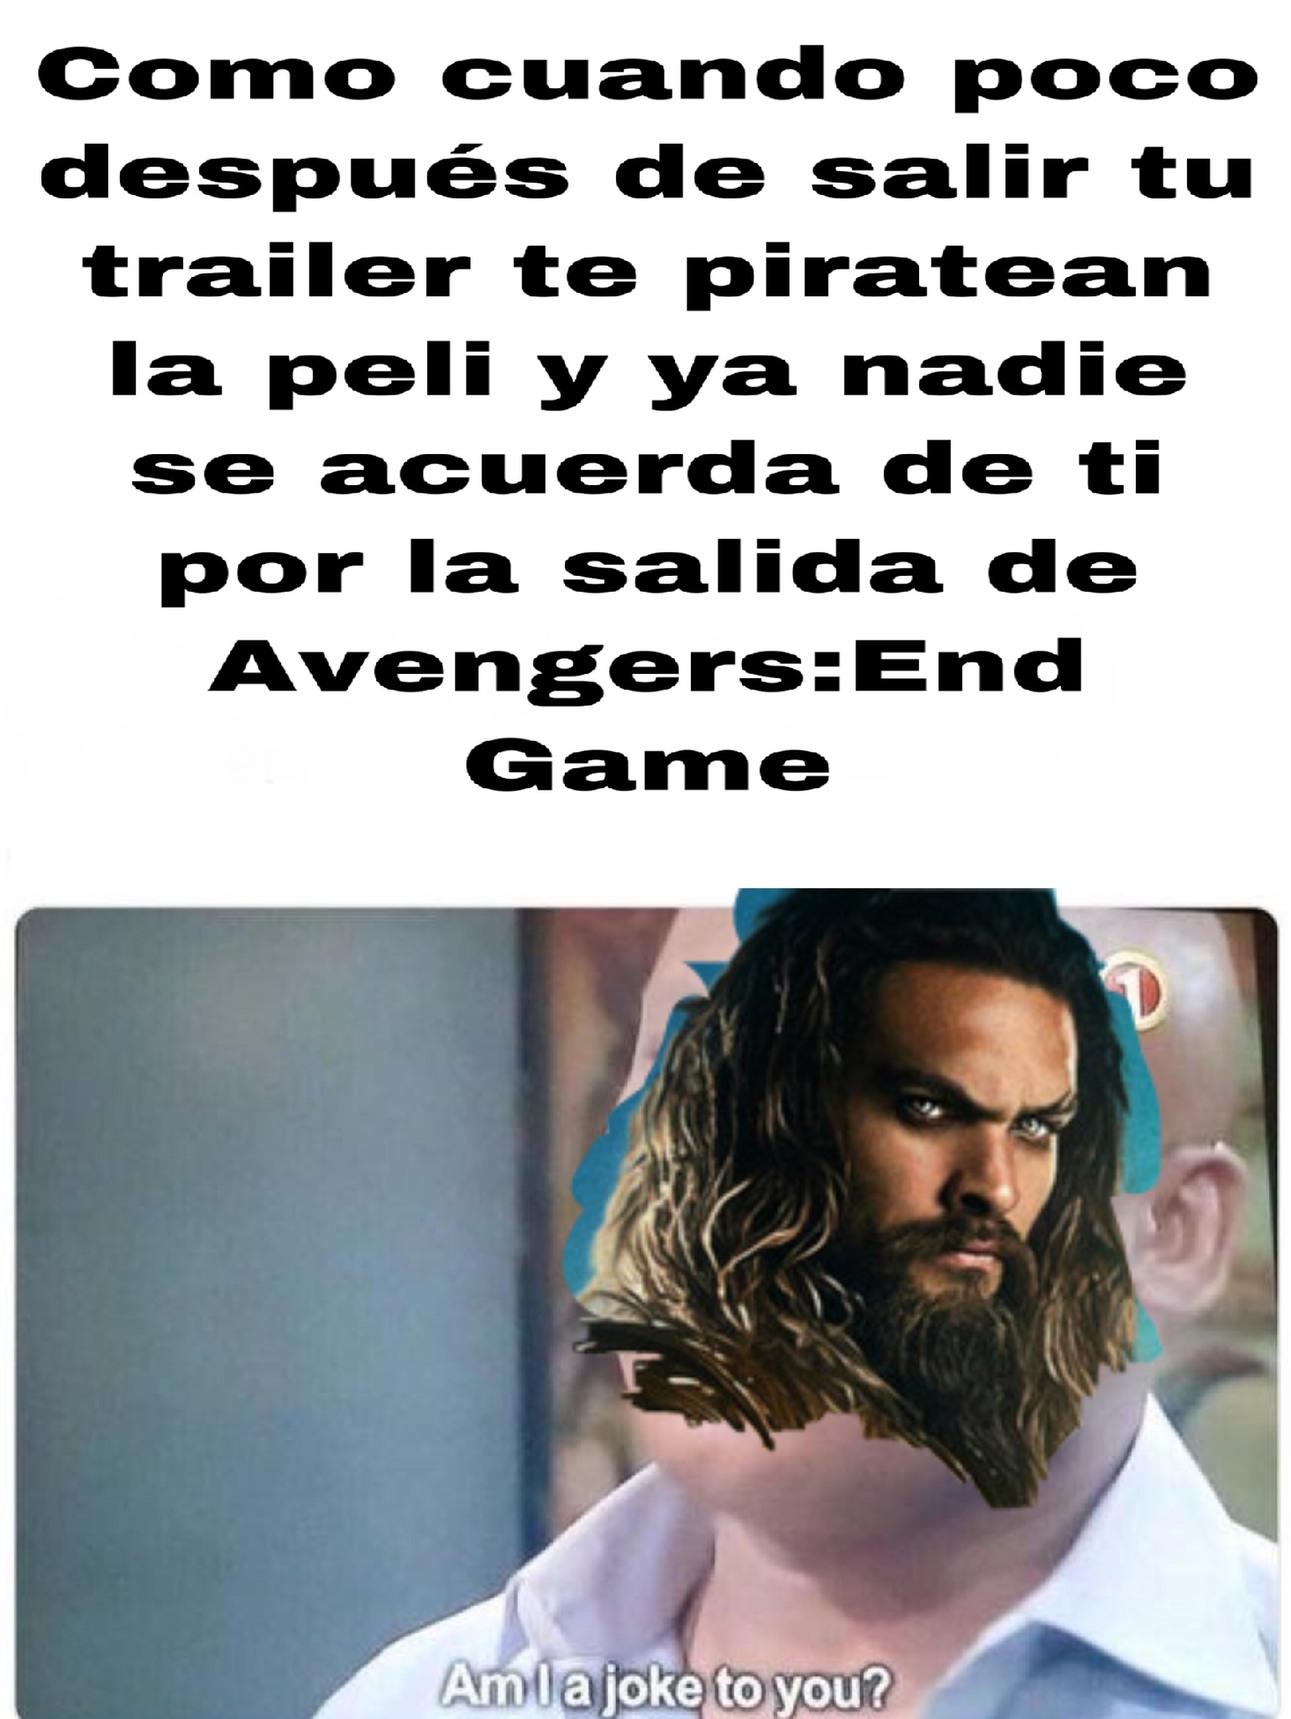 tarde, si, soy capitán lento - meme